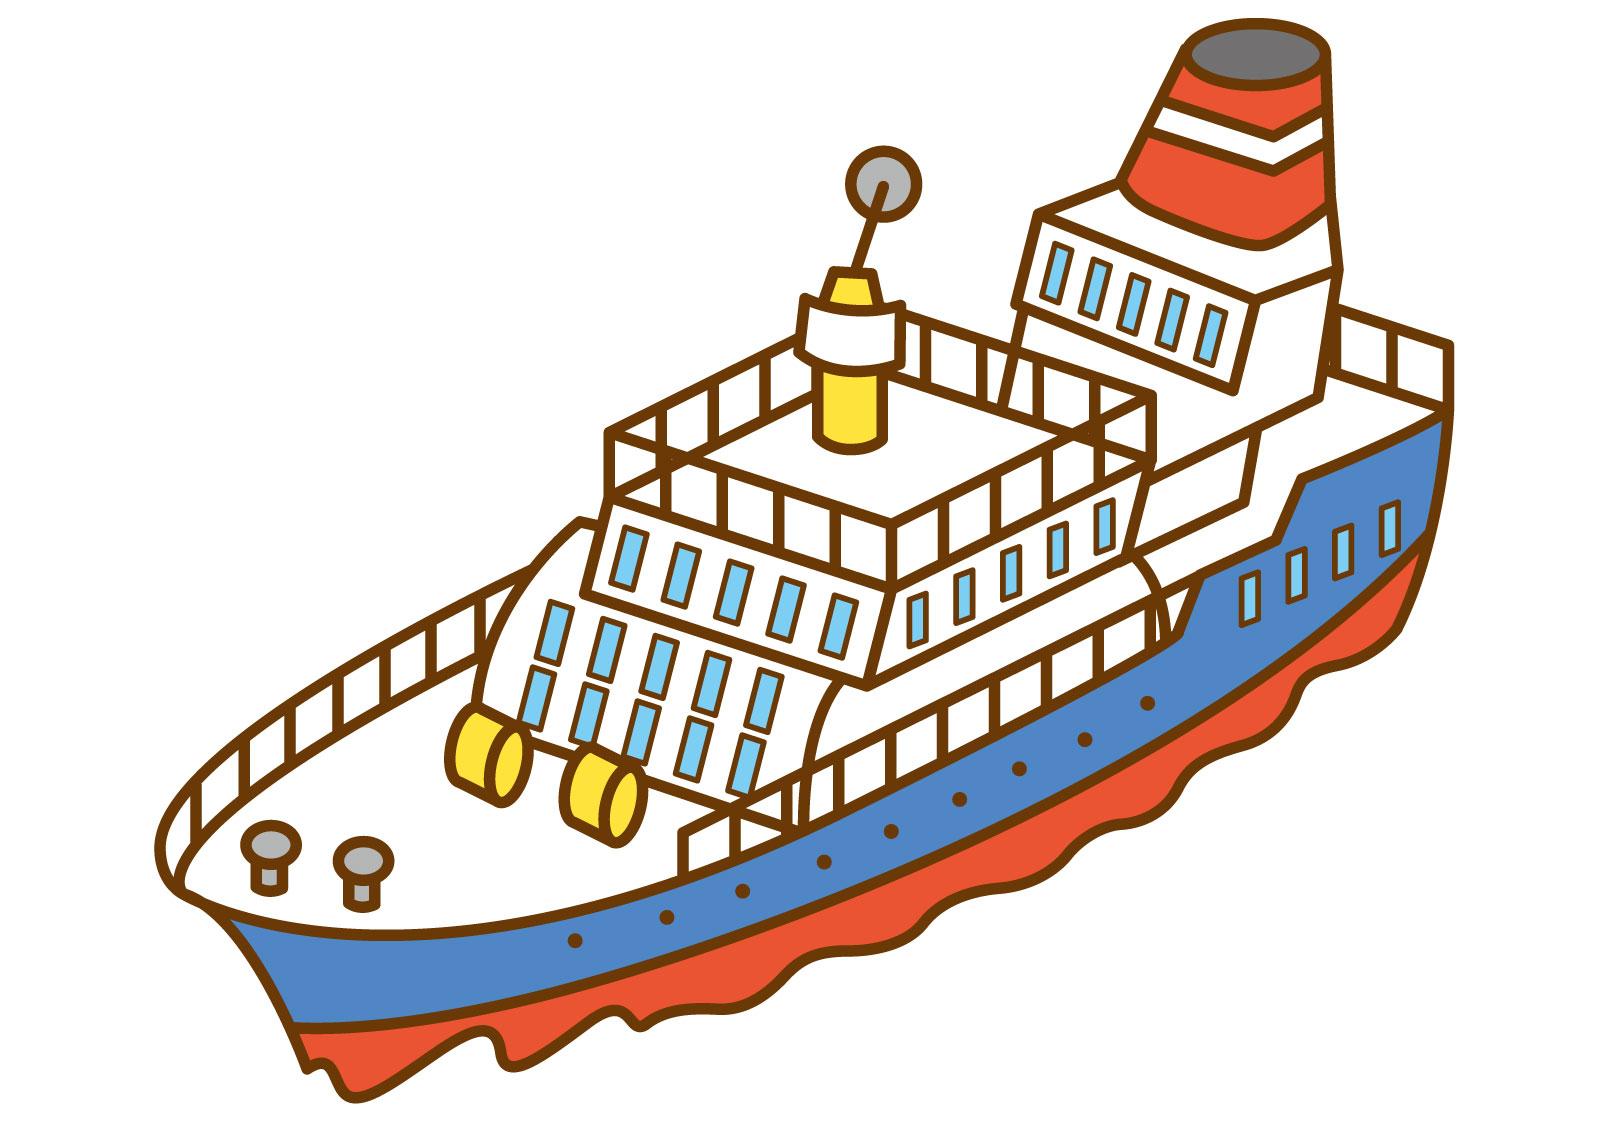 客船.jpg